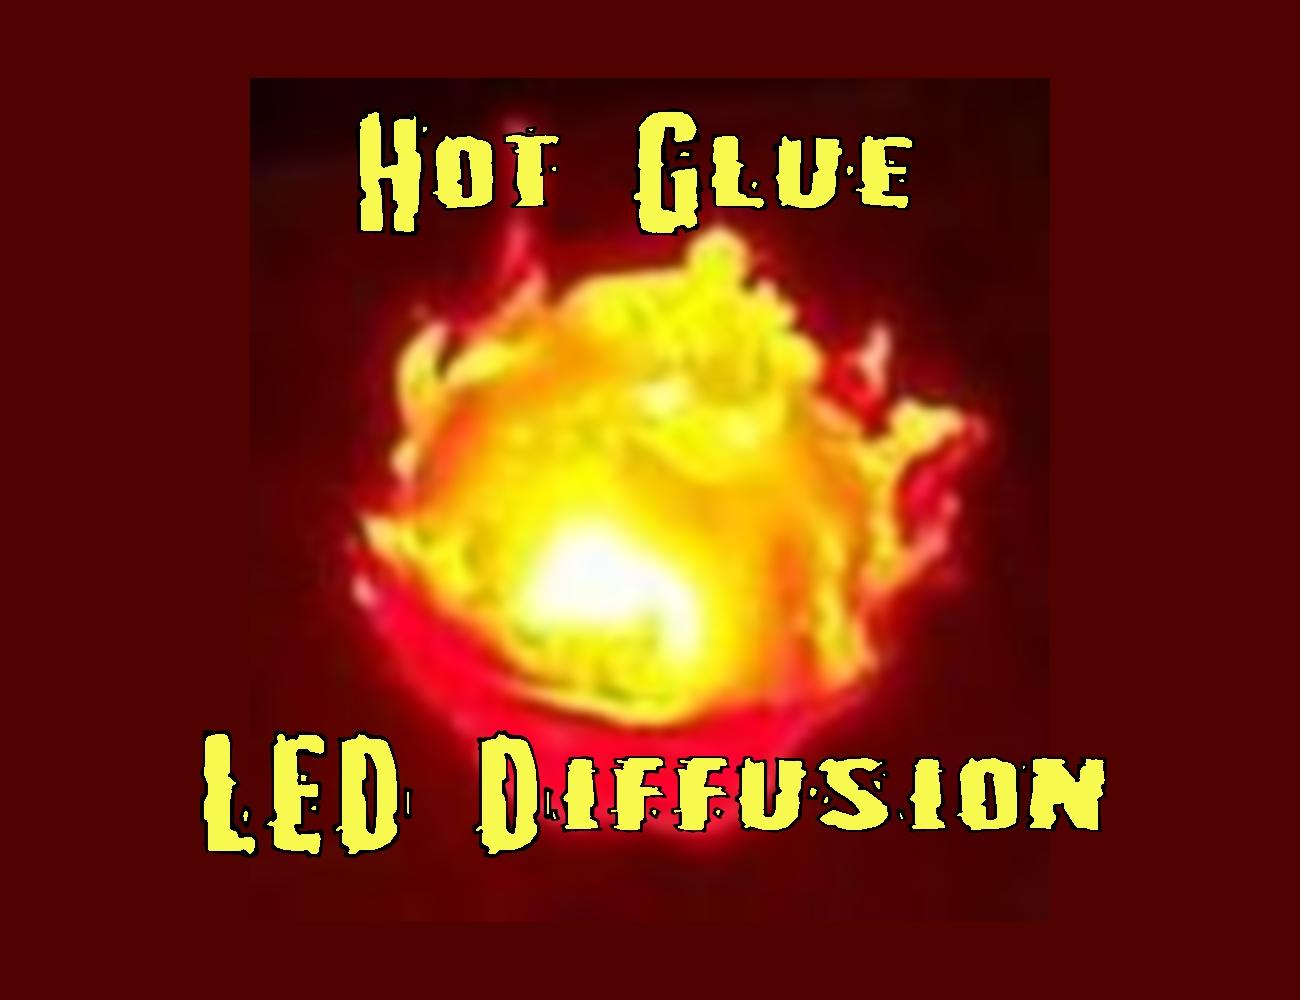 Hot Glue LED Diffusion